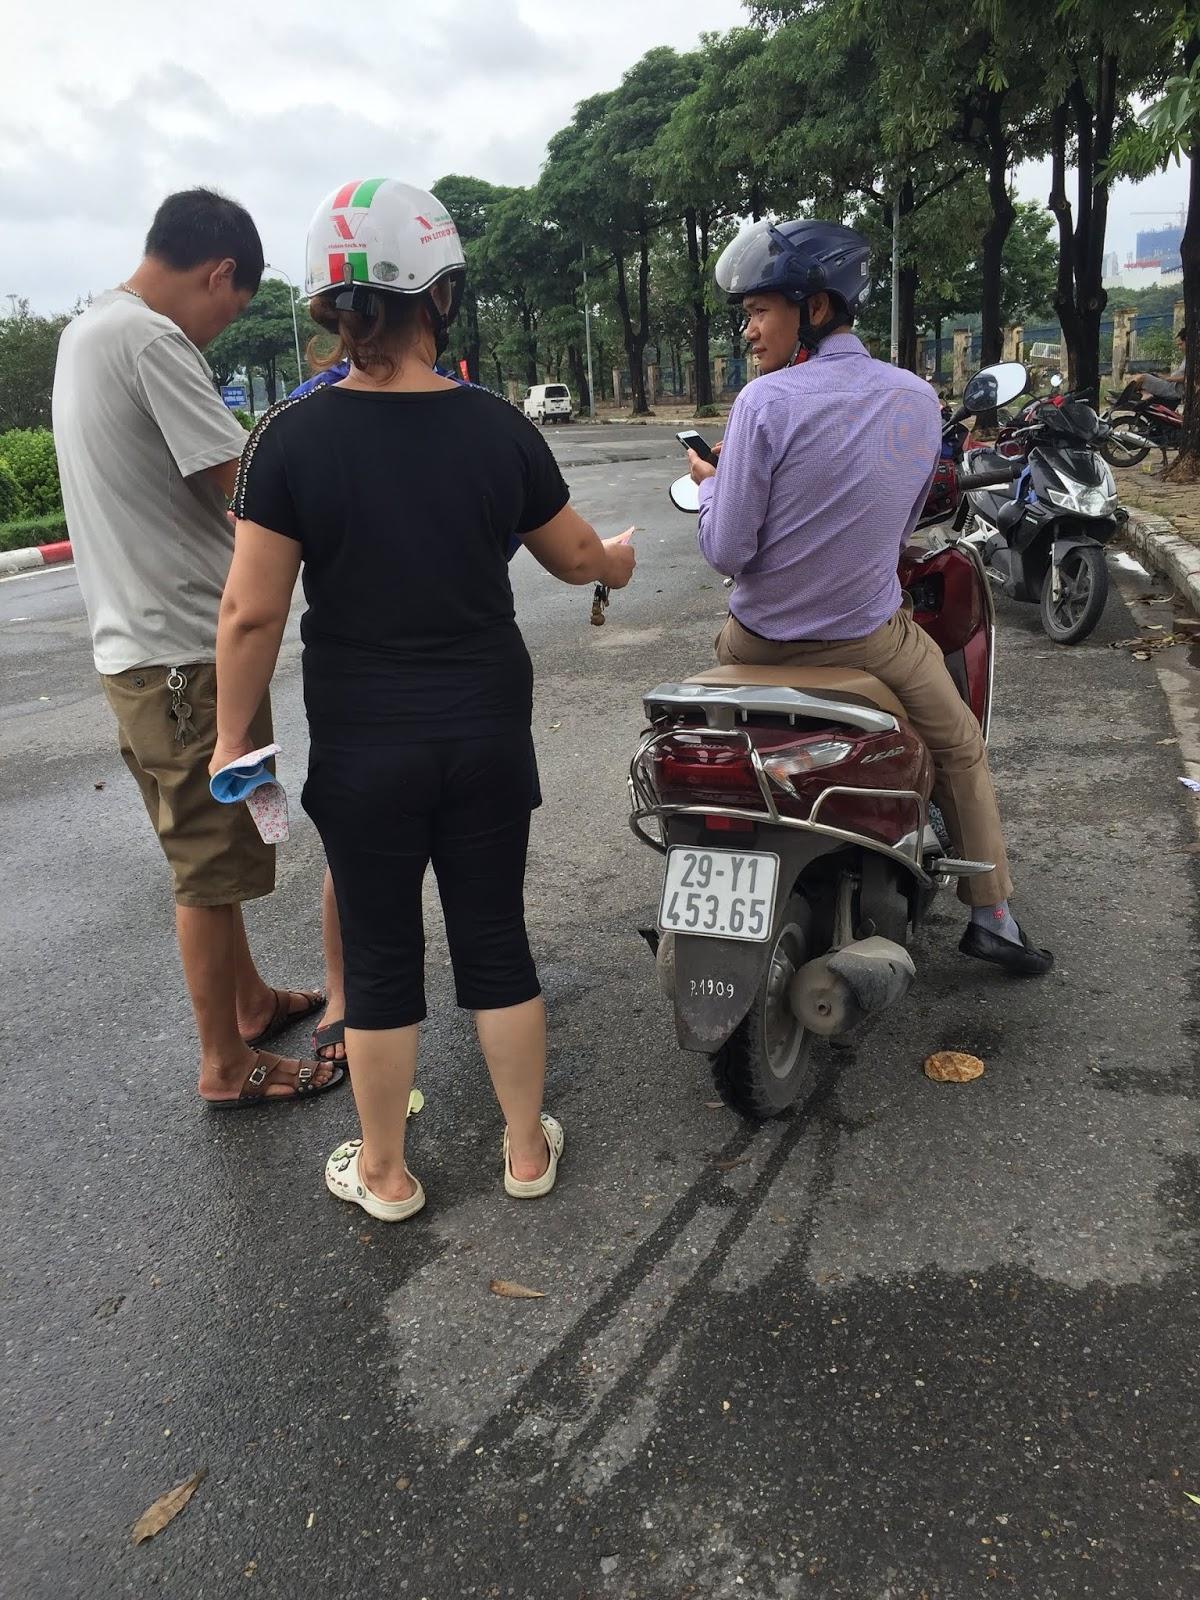 Vé chợ đen Việt Nam - Malaysia gấp 5 lần giá gốc